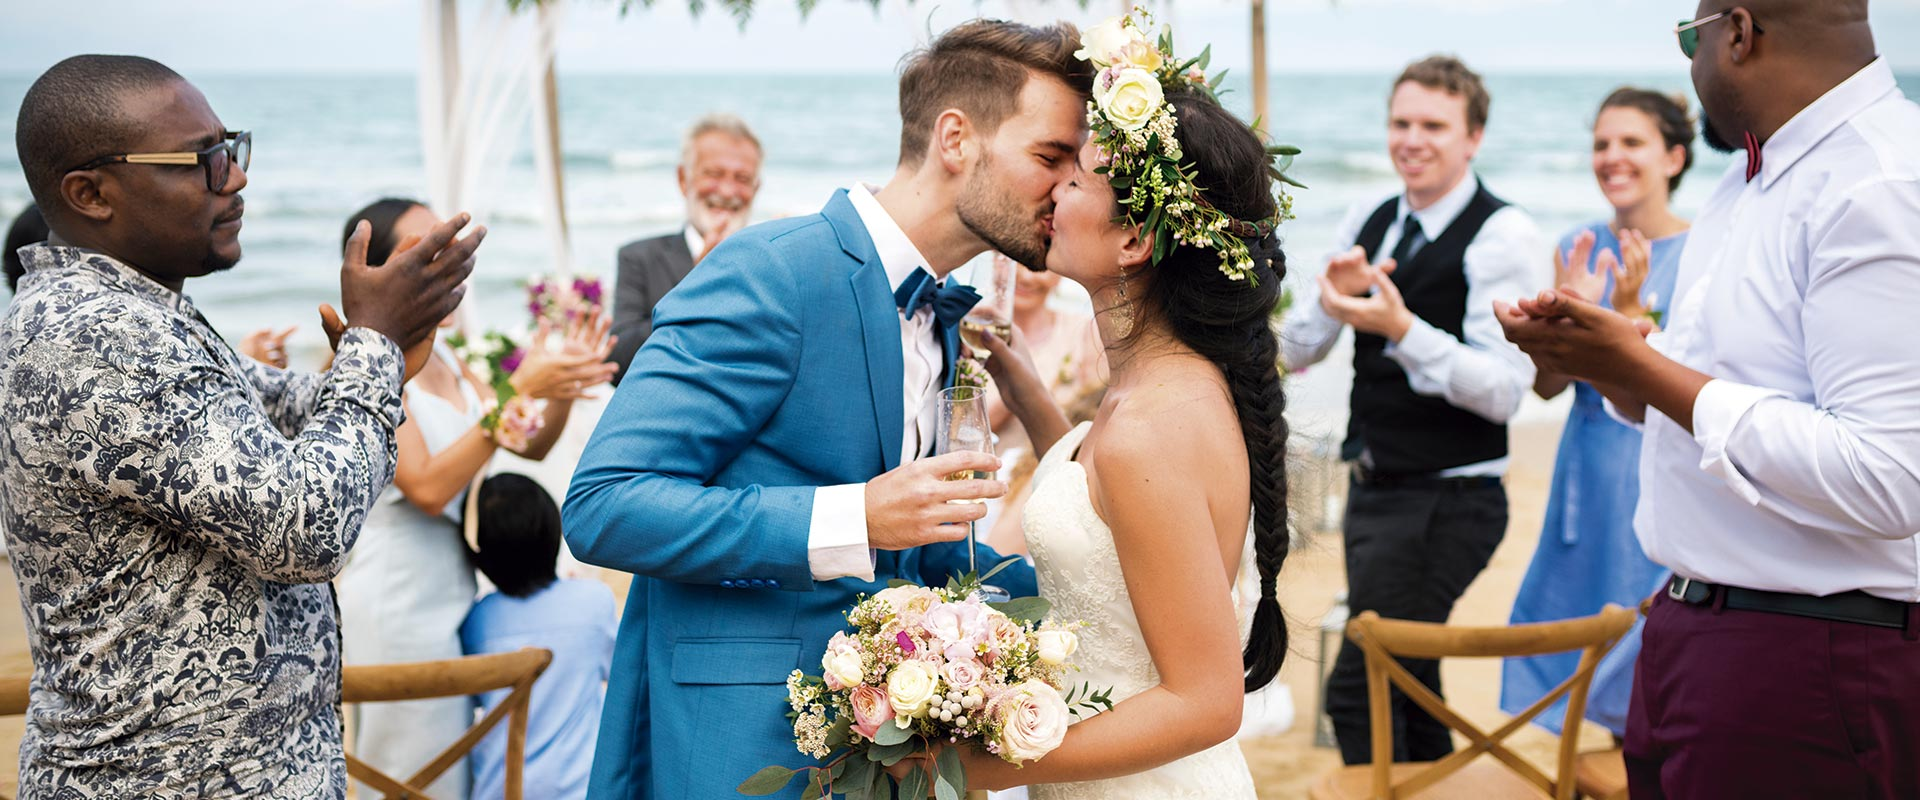 5 tips para una boda de ensueño en 2019